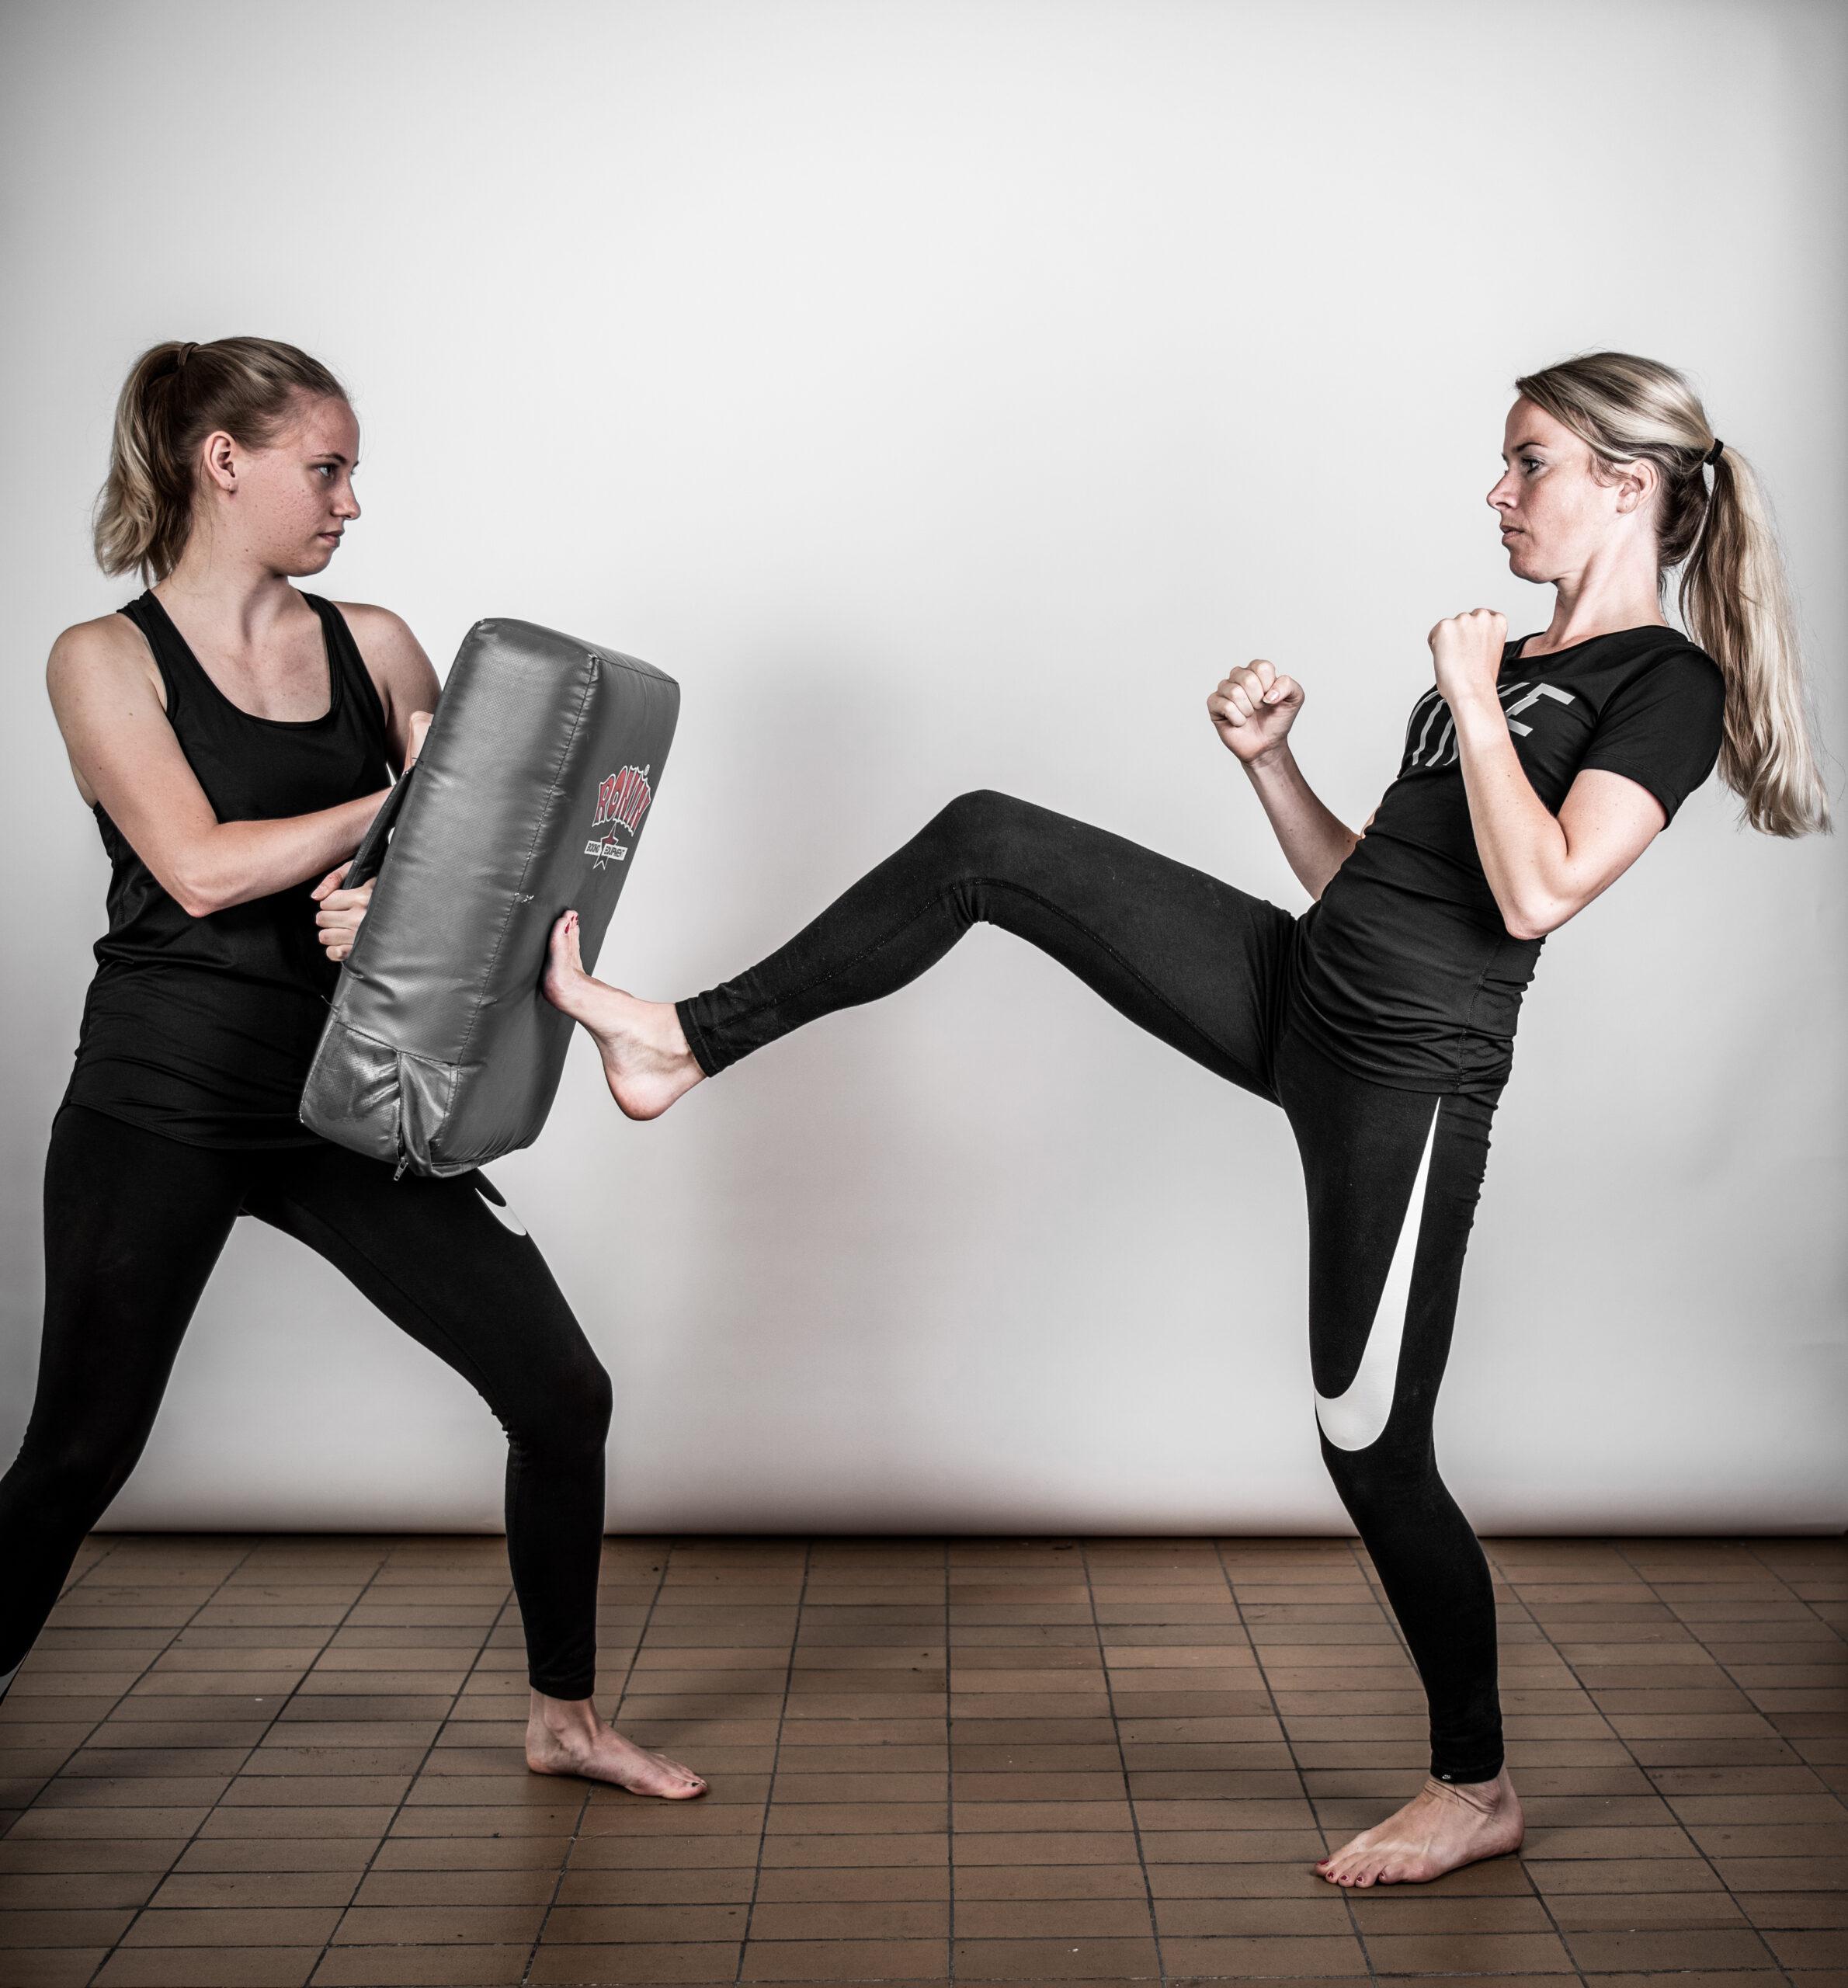 zelfverdedigingsactie van twee meiden